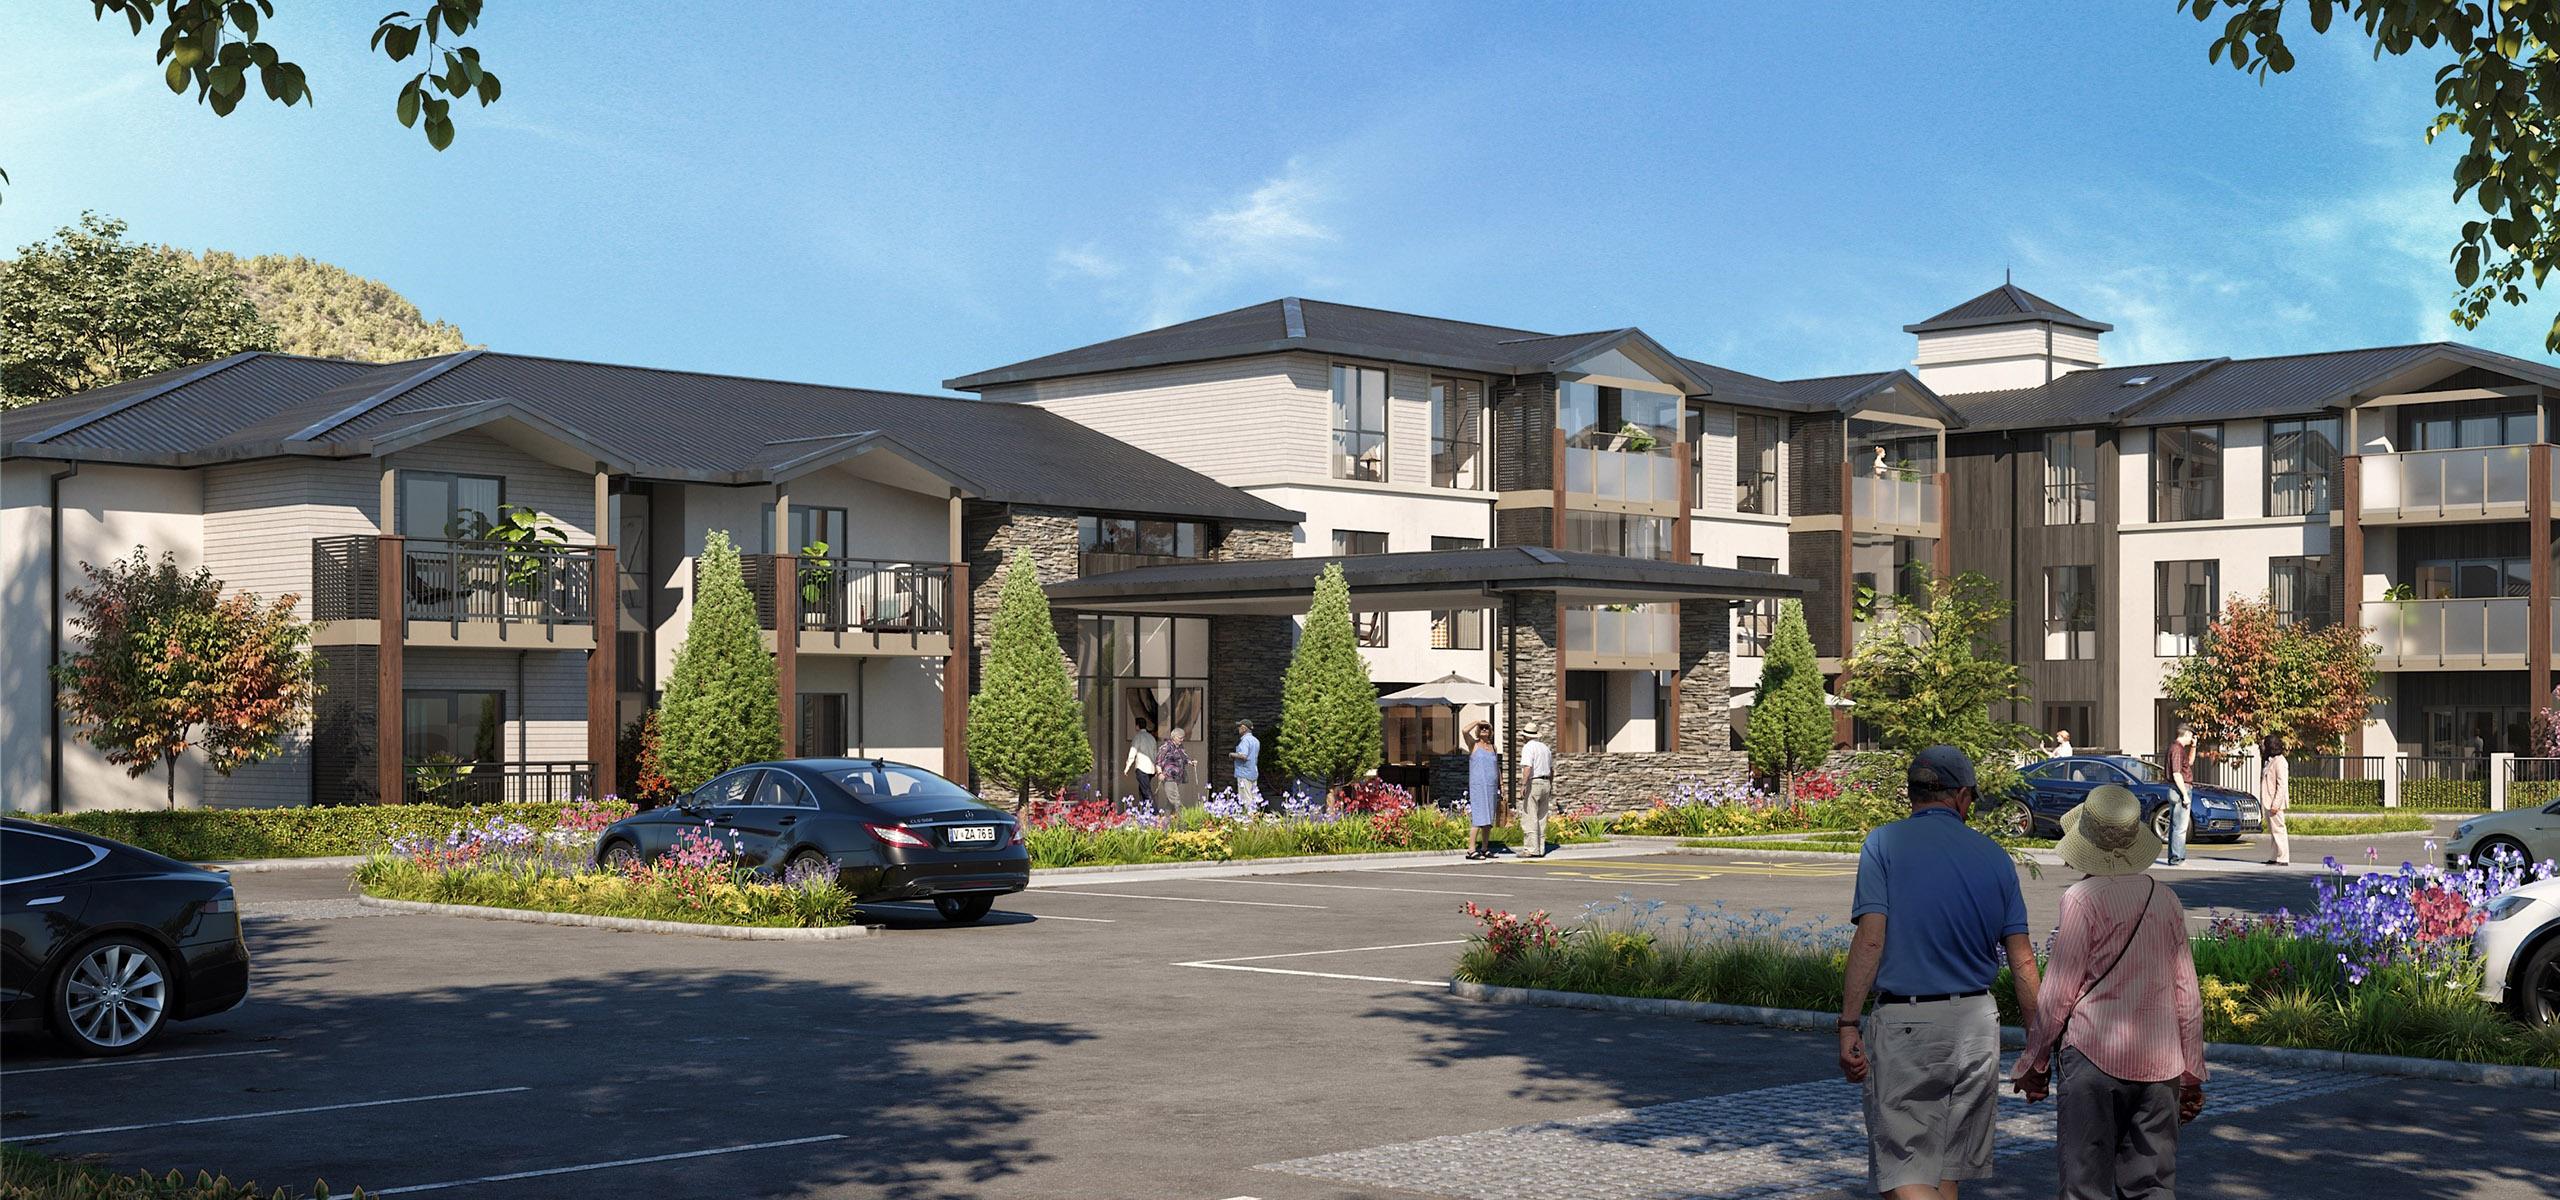 The Bellevue building render